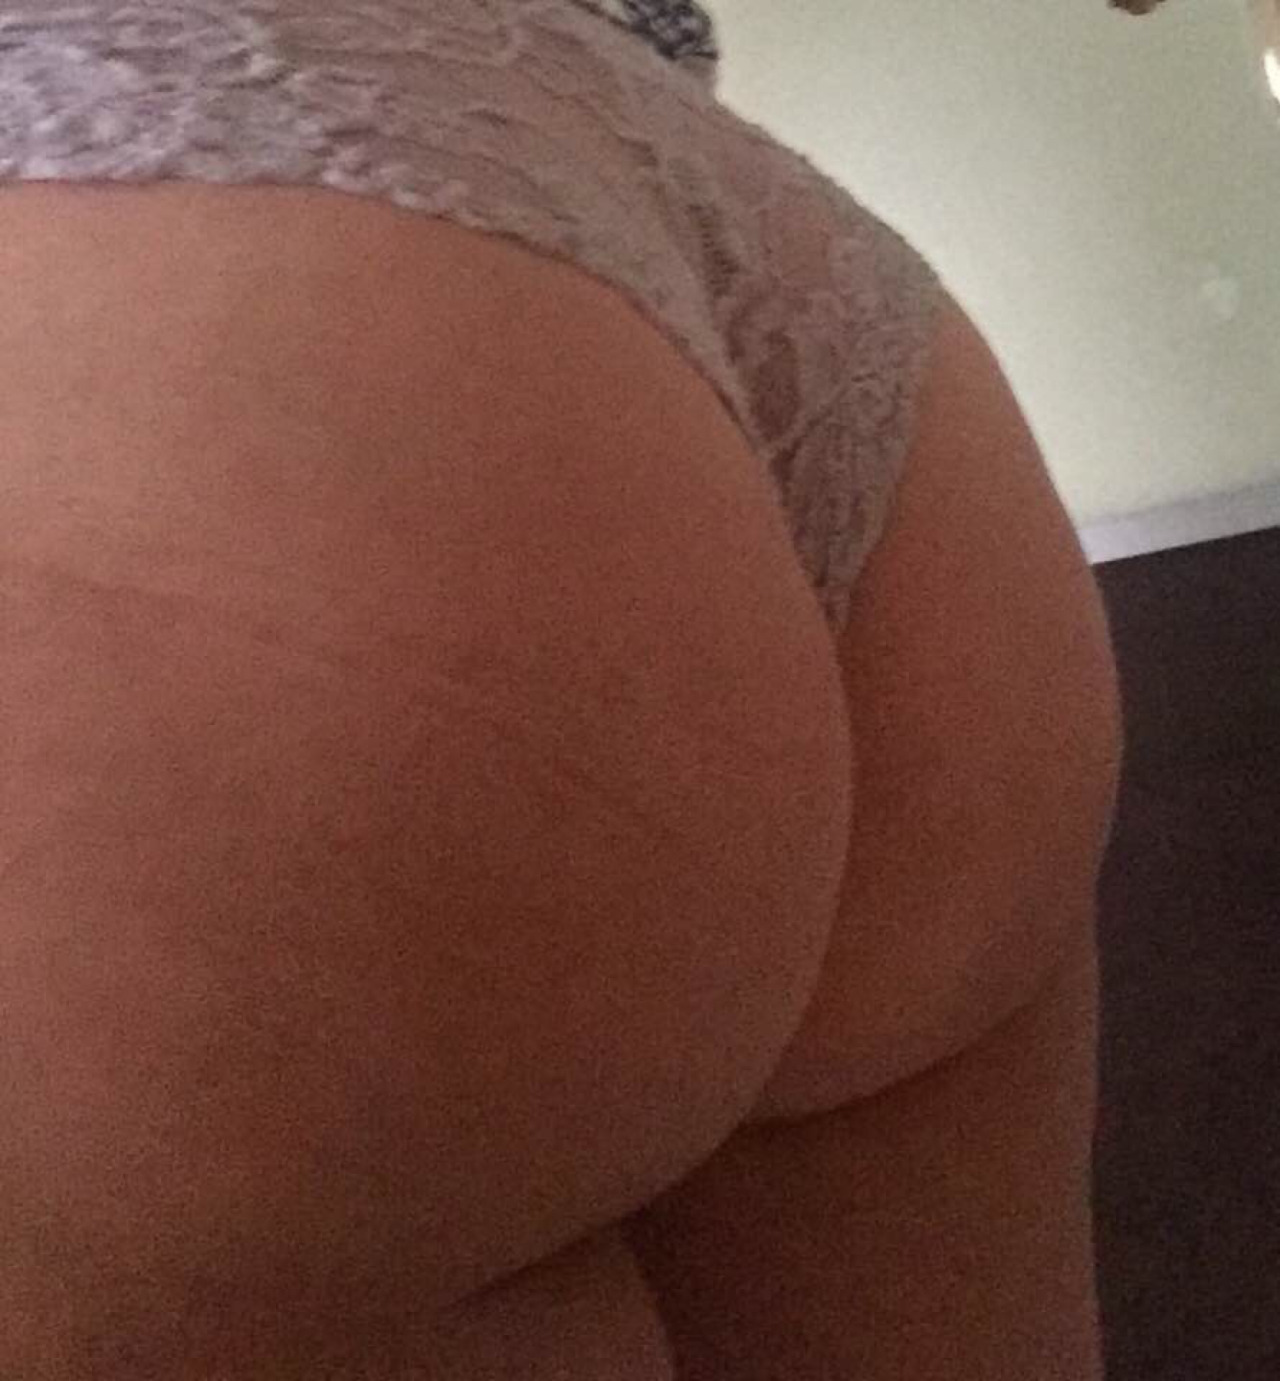 femme du 28 selfie porno pour son plan q